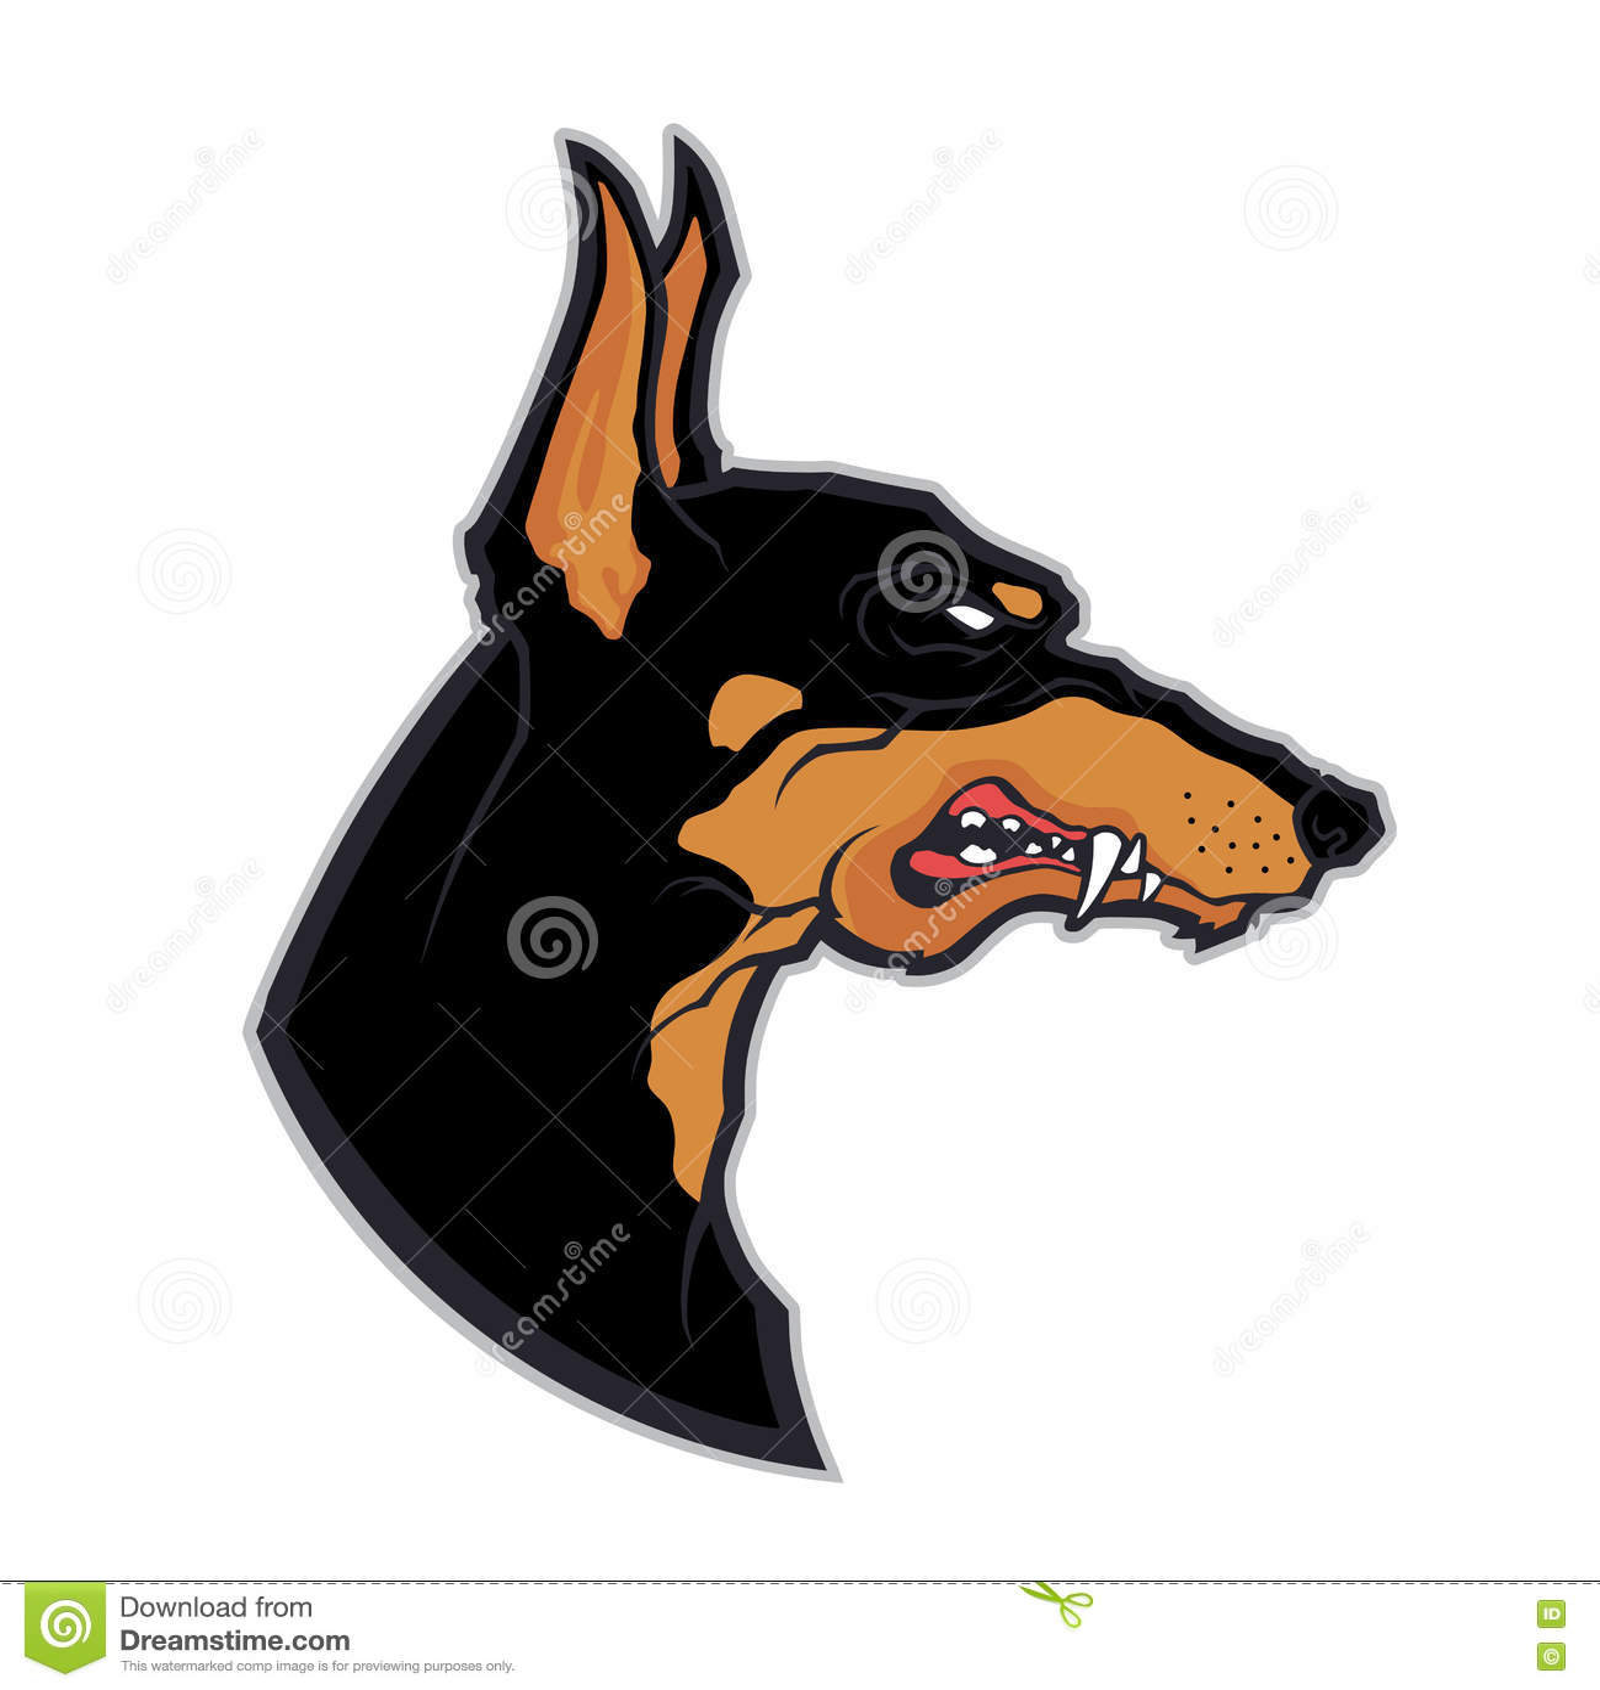 Doberman cartoon character